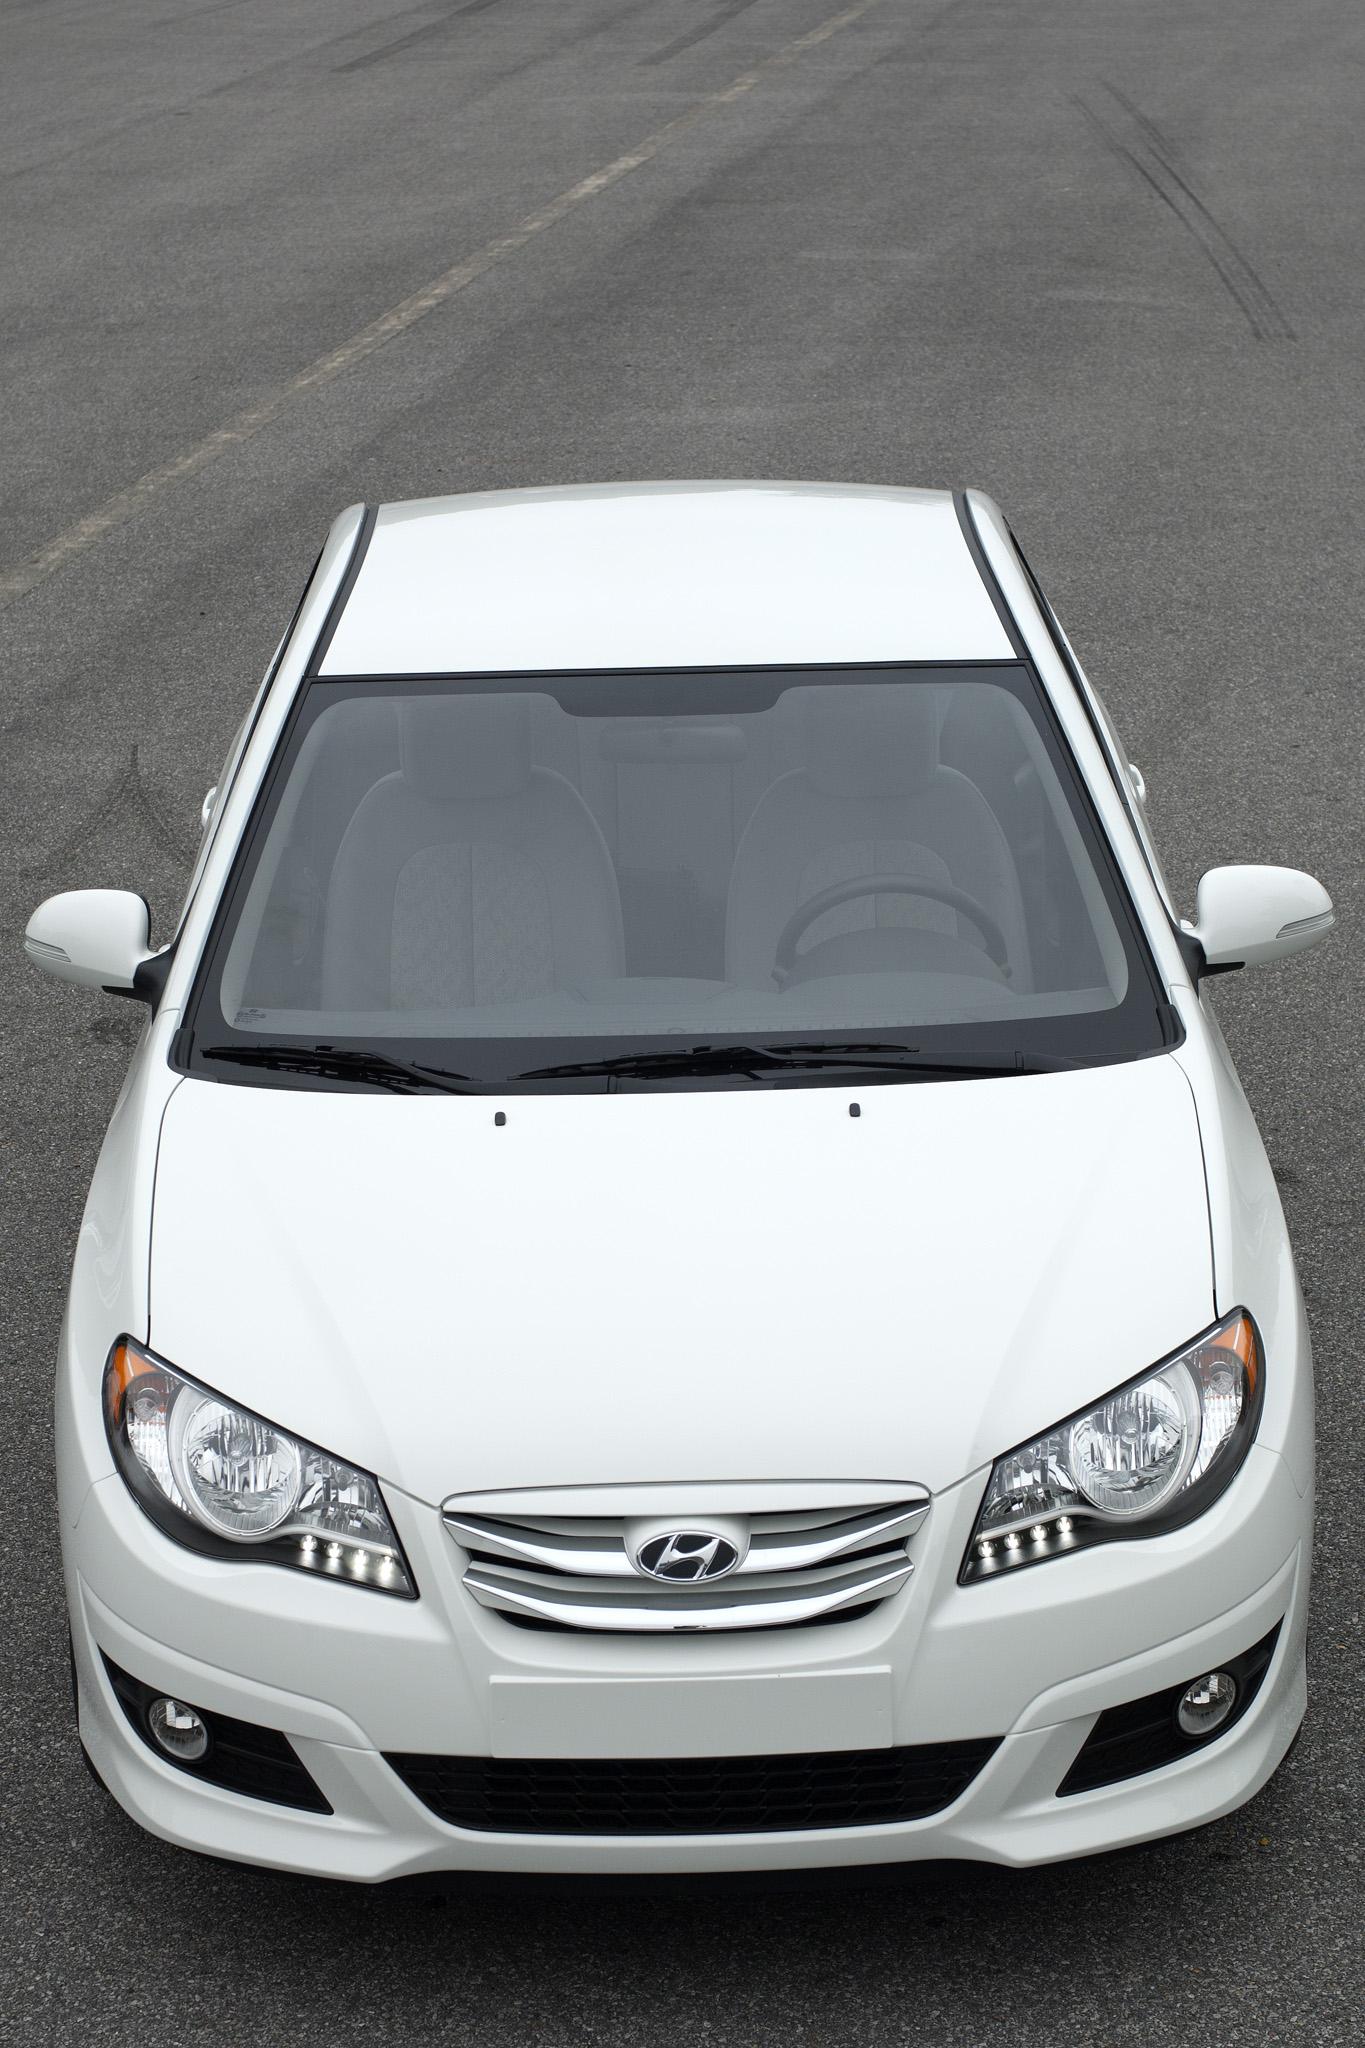 Hyundai Thành Công khuyến mại 3 mẫu xe SantaFe, Avante và Elantra 7